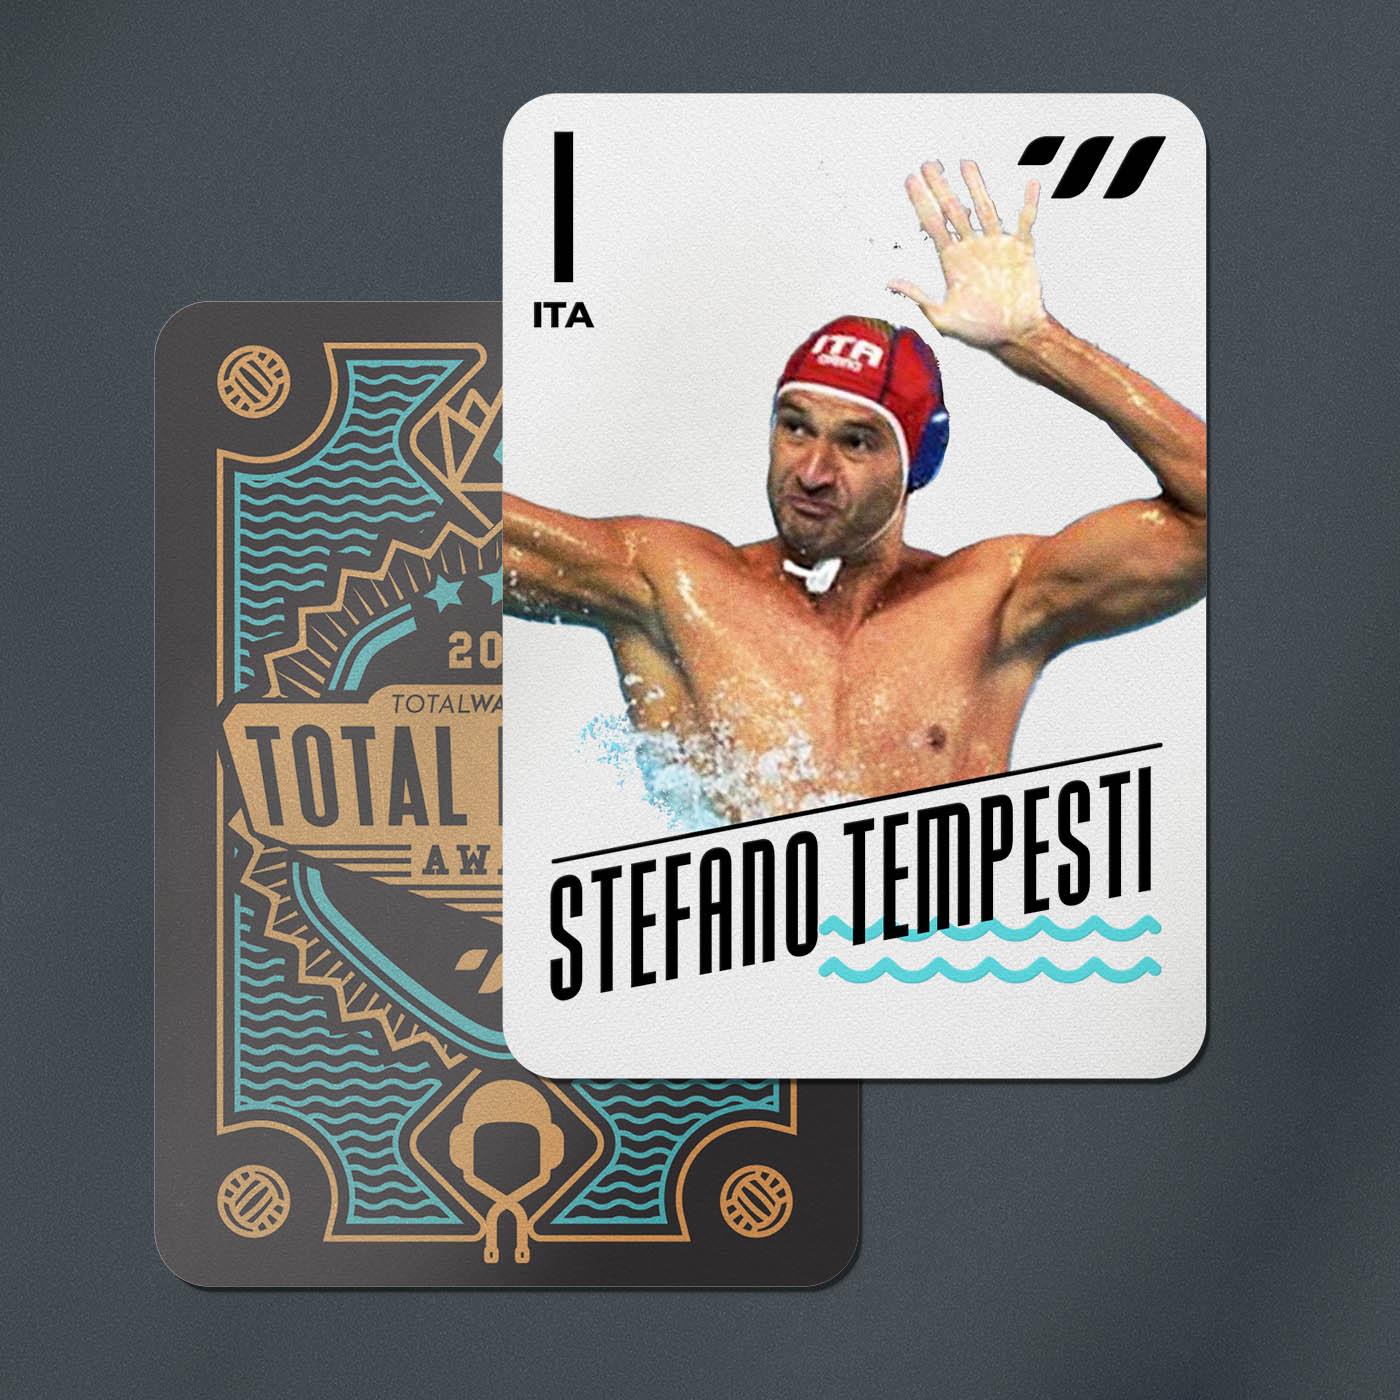 GOALKEEPER - Stefano Tempesti (ITA) | Cpt.